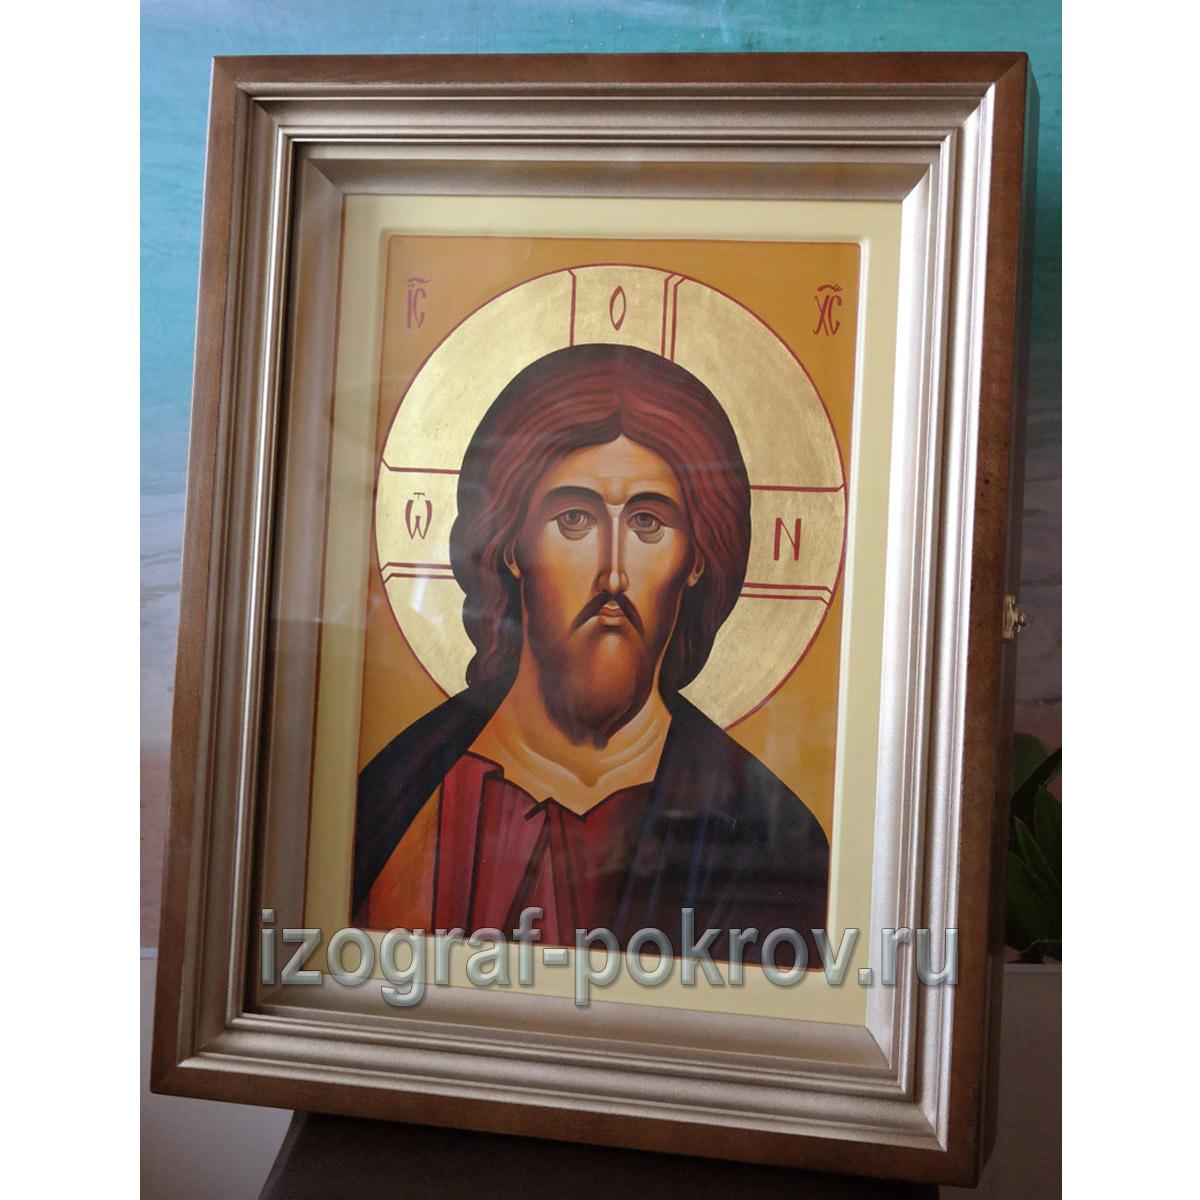 Рукописная икона Спасителя в киоте написана под заказ в иконописной мастерской Покров при храме Покрова Пресвятой Богородицы г. Константиновска